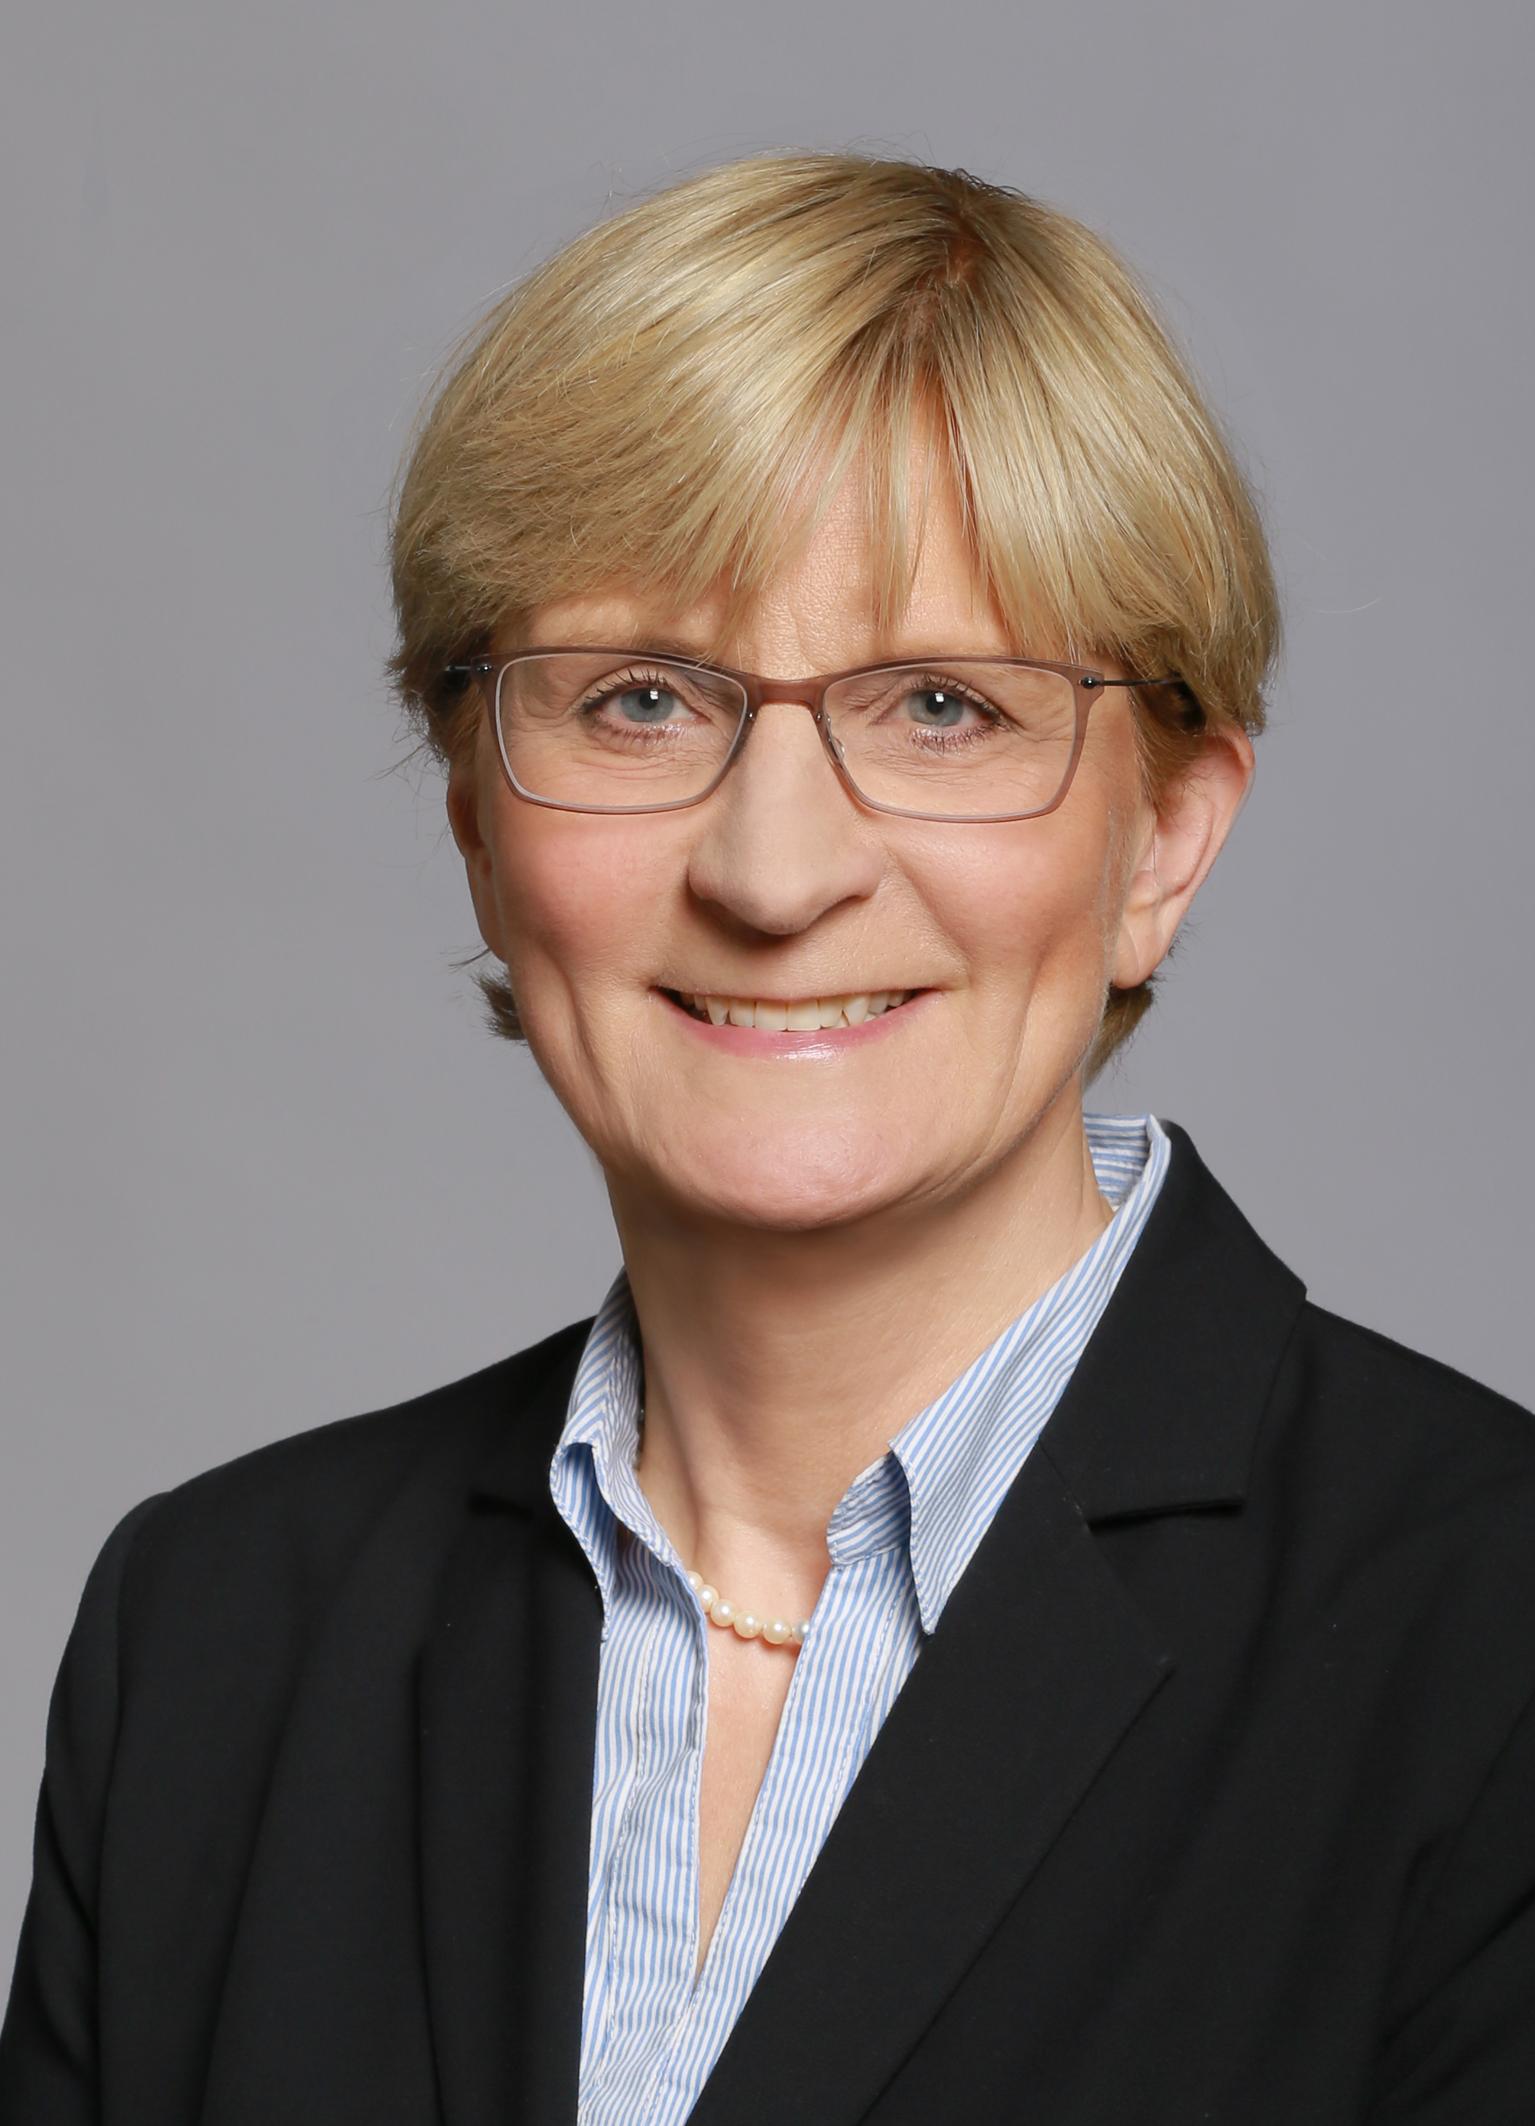 Helga Block